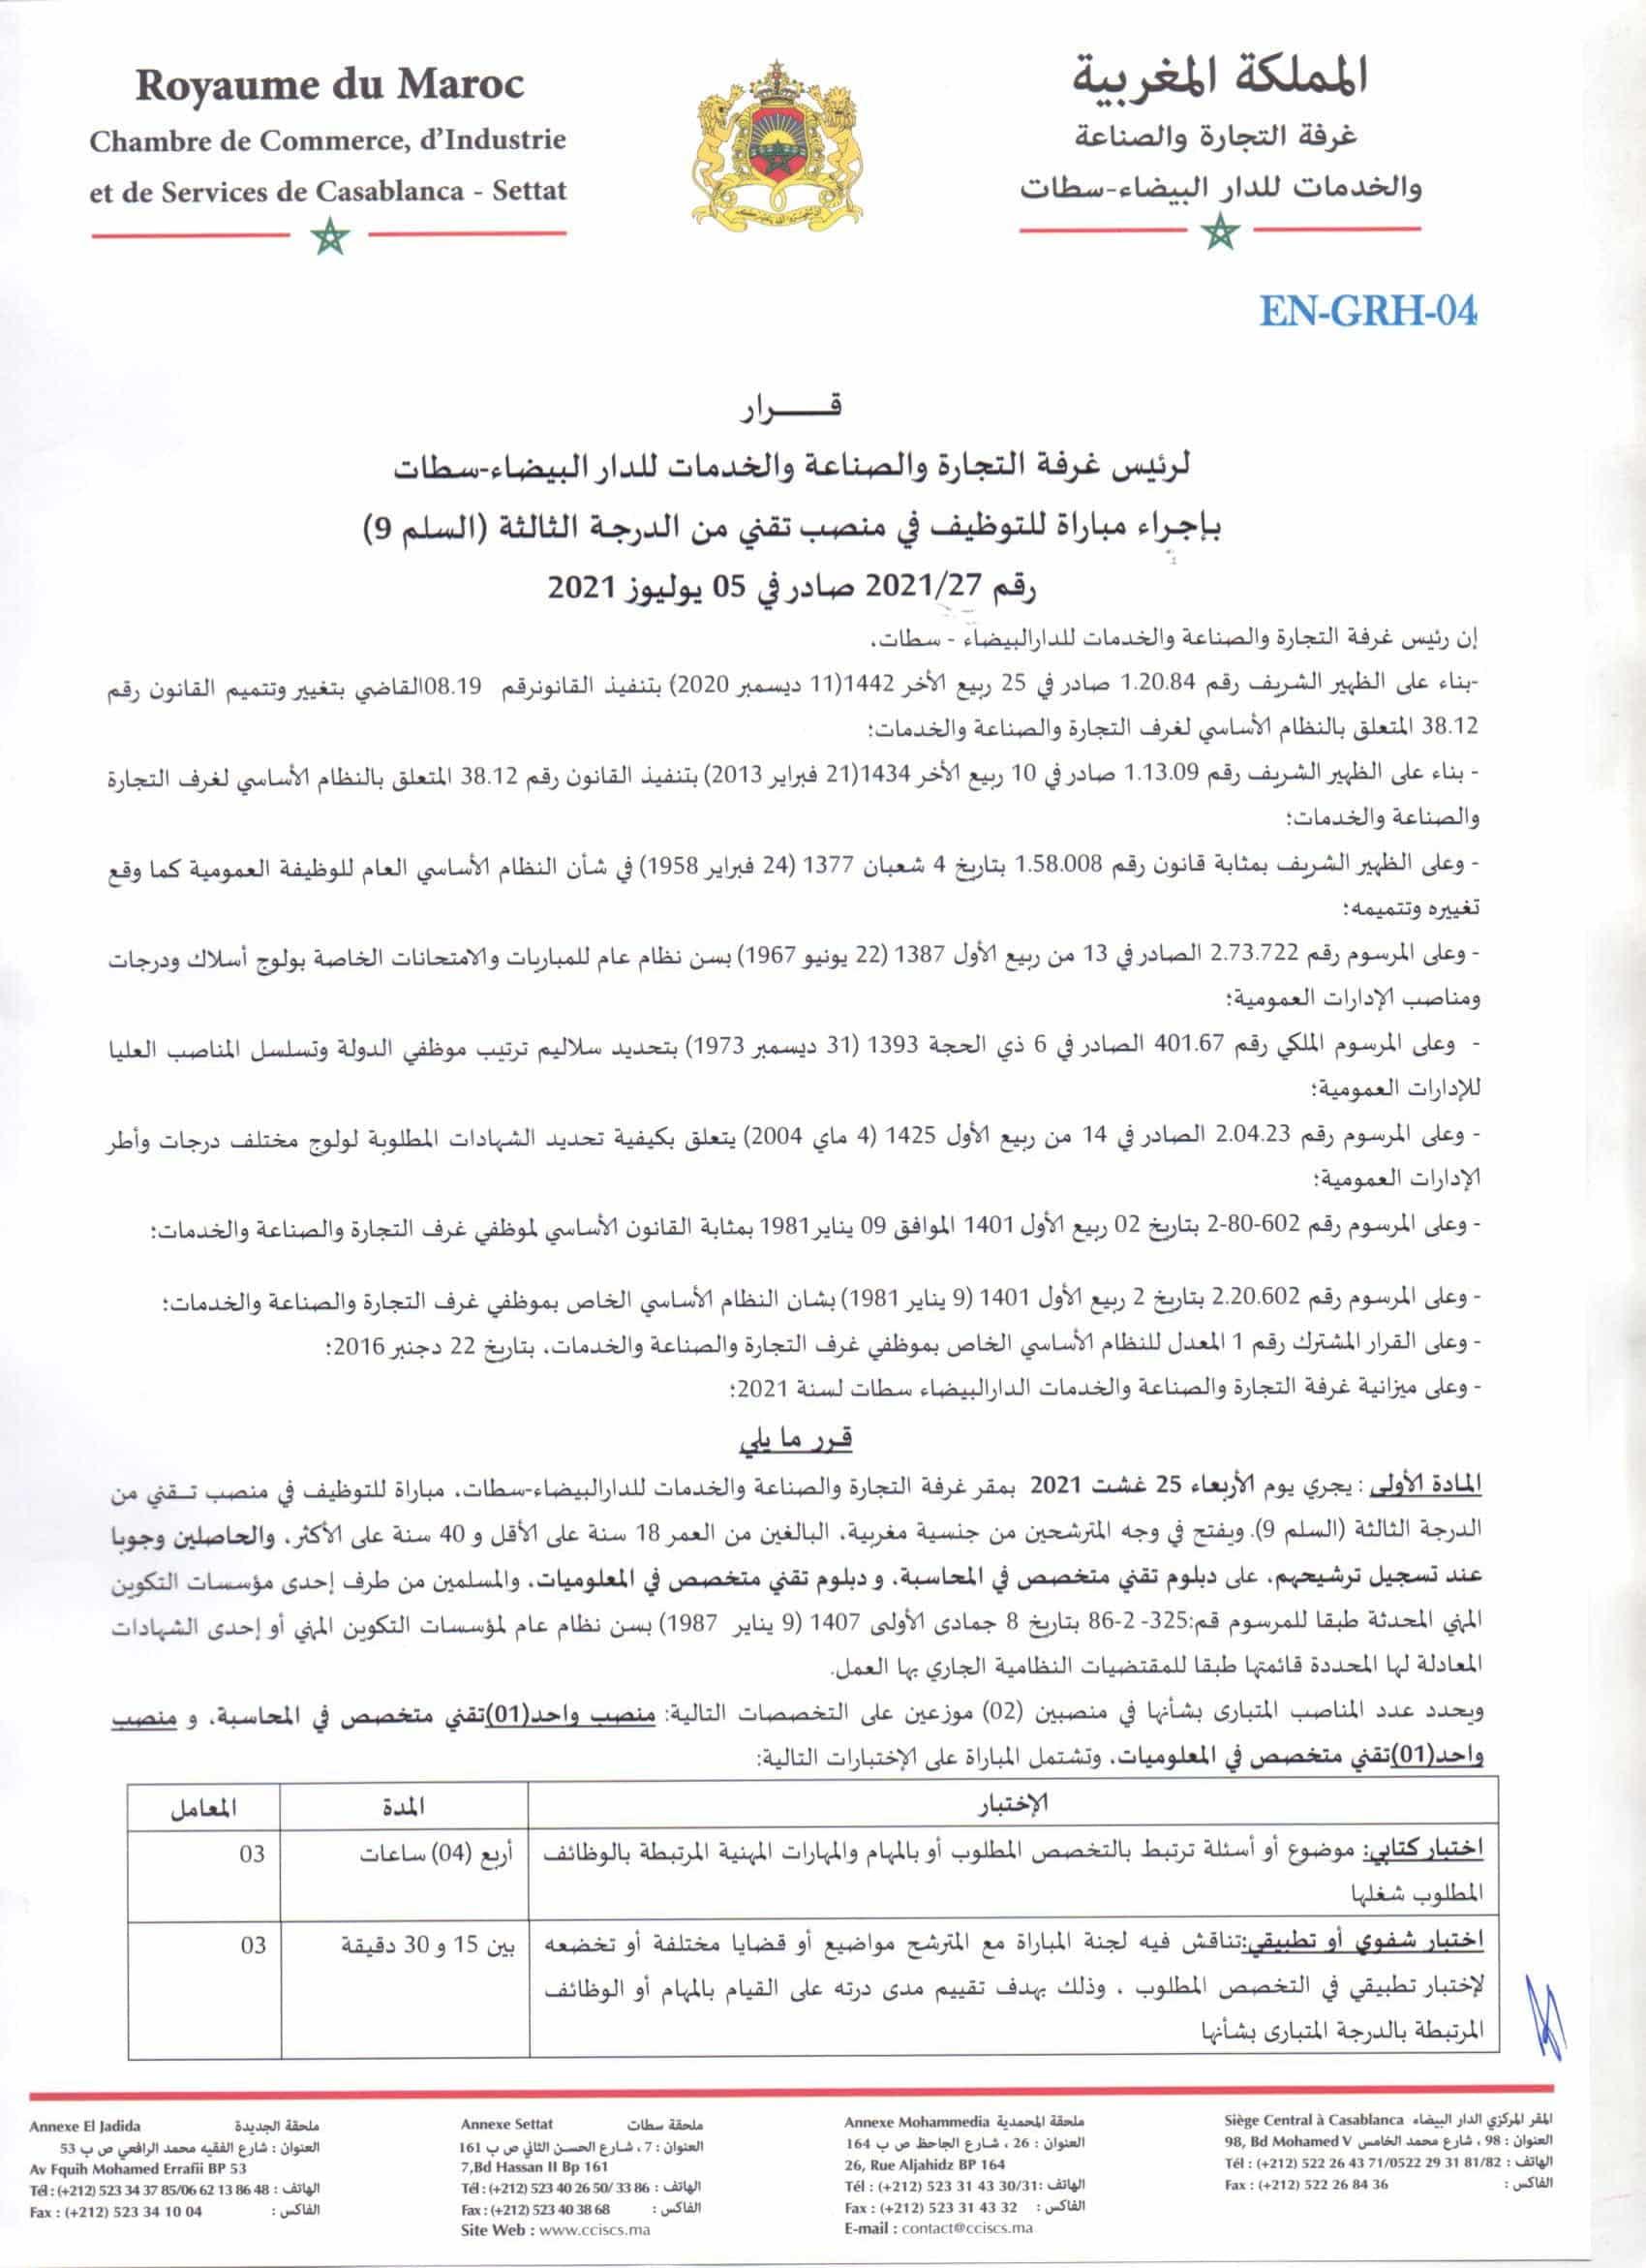 nomFichier2884 1 Concours Chambre de Commerce d'Industrie et de Services Casablanca Settat (2 Postes)